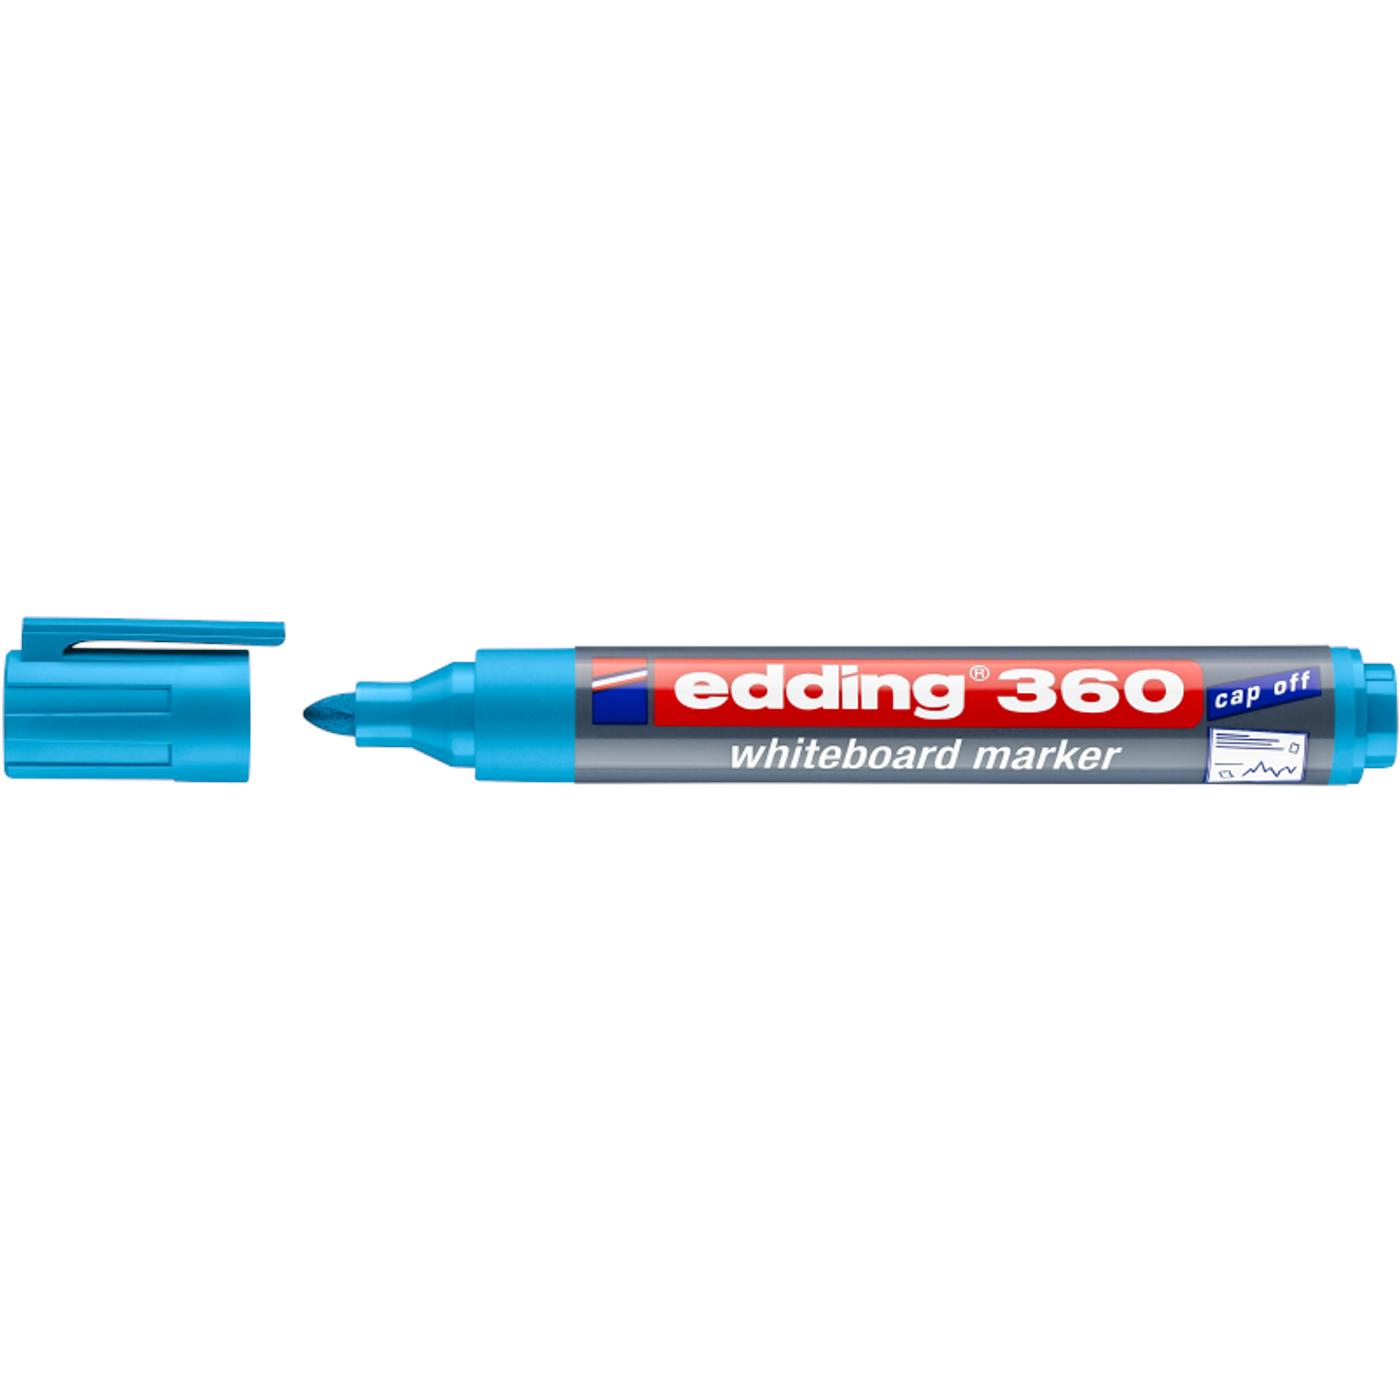 EDDING 360 WHITEBOARD MARKER (LIGHT BLUE)